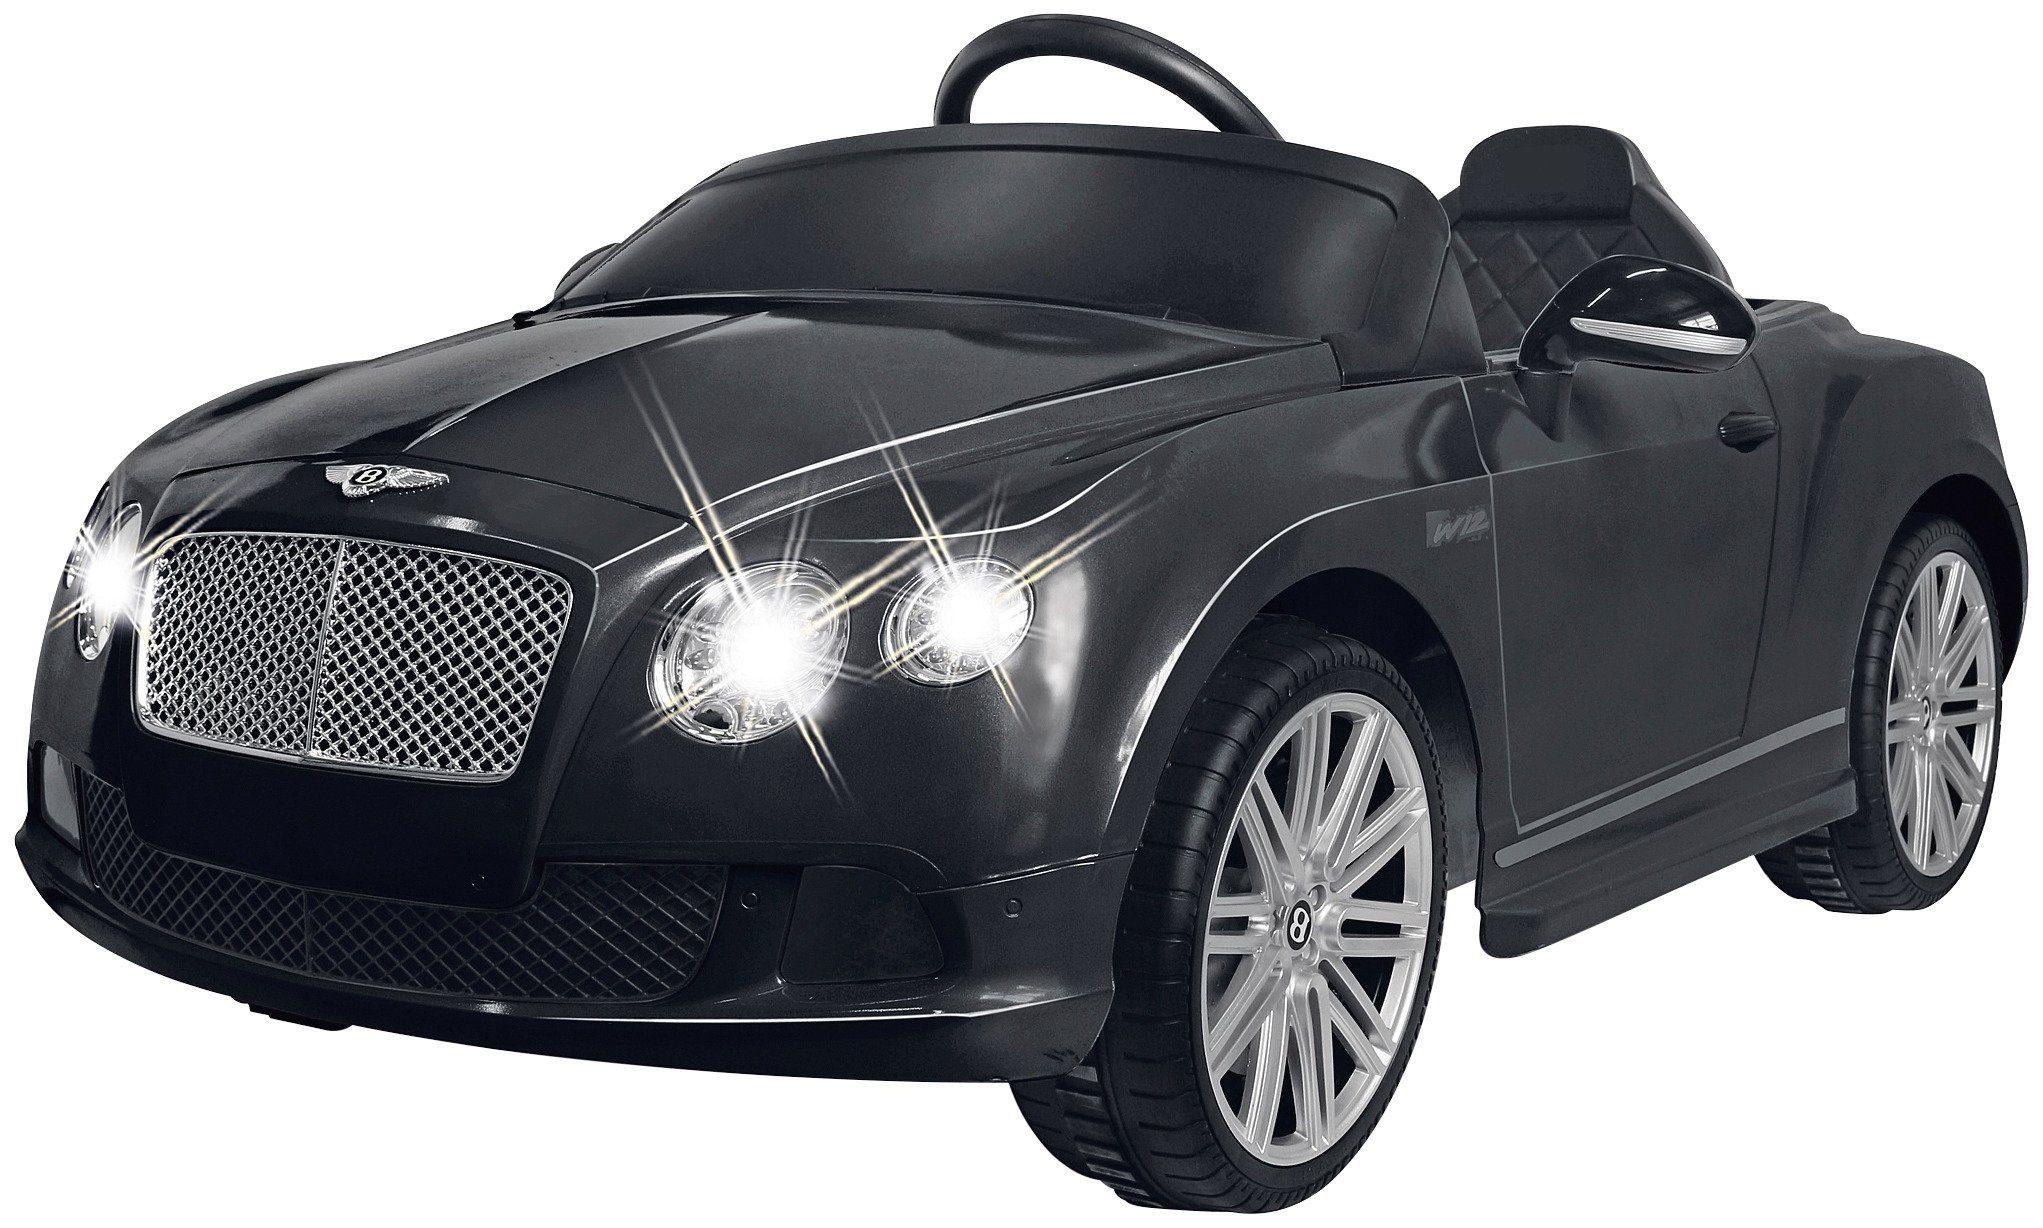 JAMARA KIDS Elektroauto »Ride-on Bentley GTC«, schwarz, inkl. Fernsteuerung